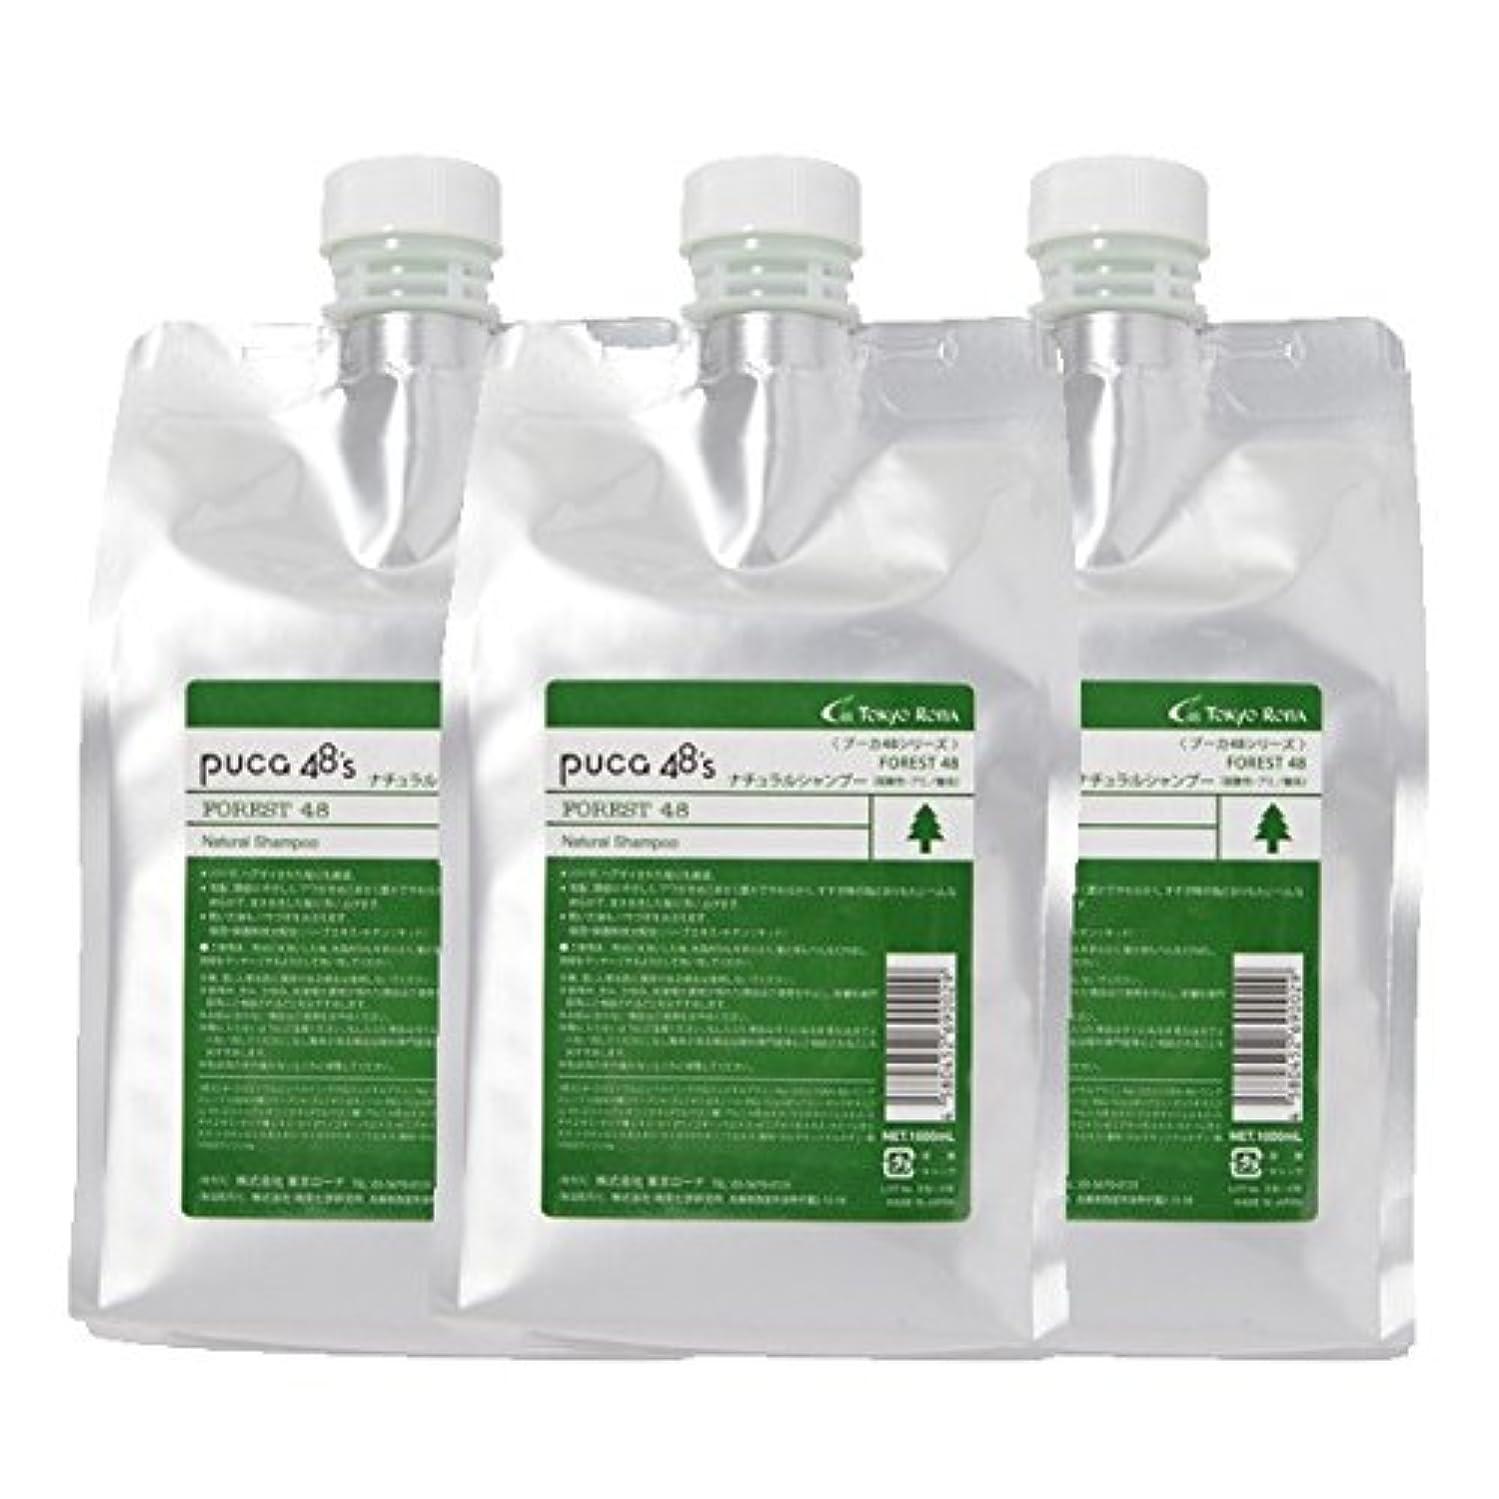 心配する消毒する協会プーカ48シリーズ FOREST 48 ナチュラルシャンプー (弱酸性?アミノ酸系) 1000mL 3本セット